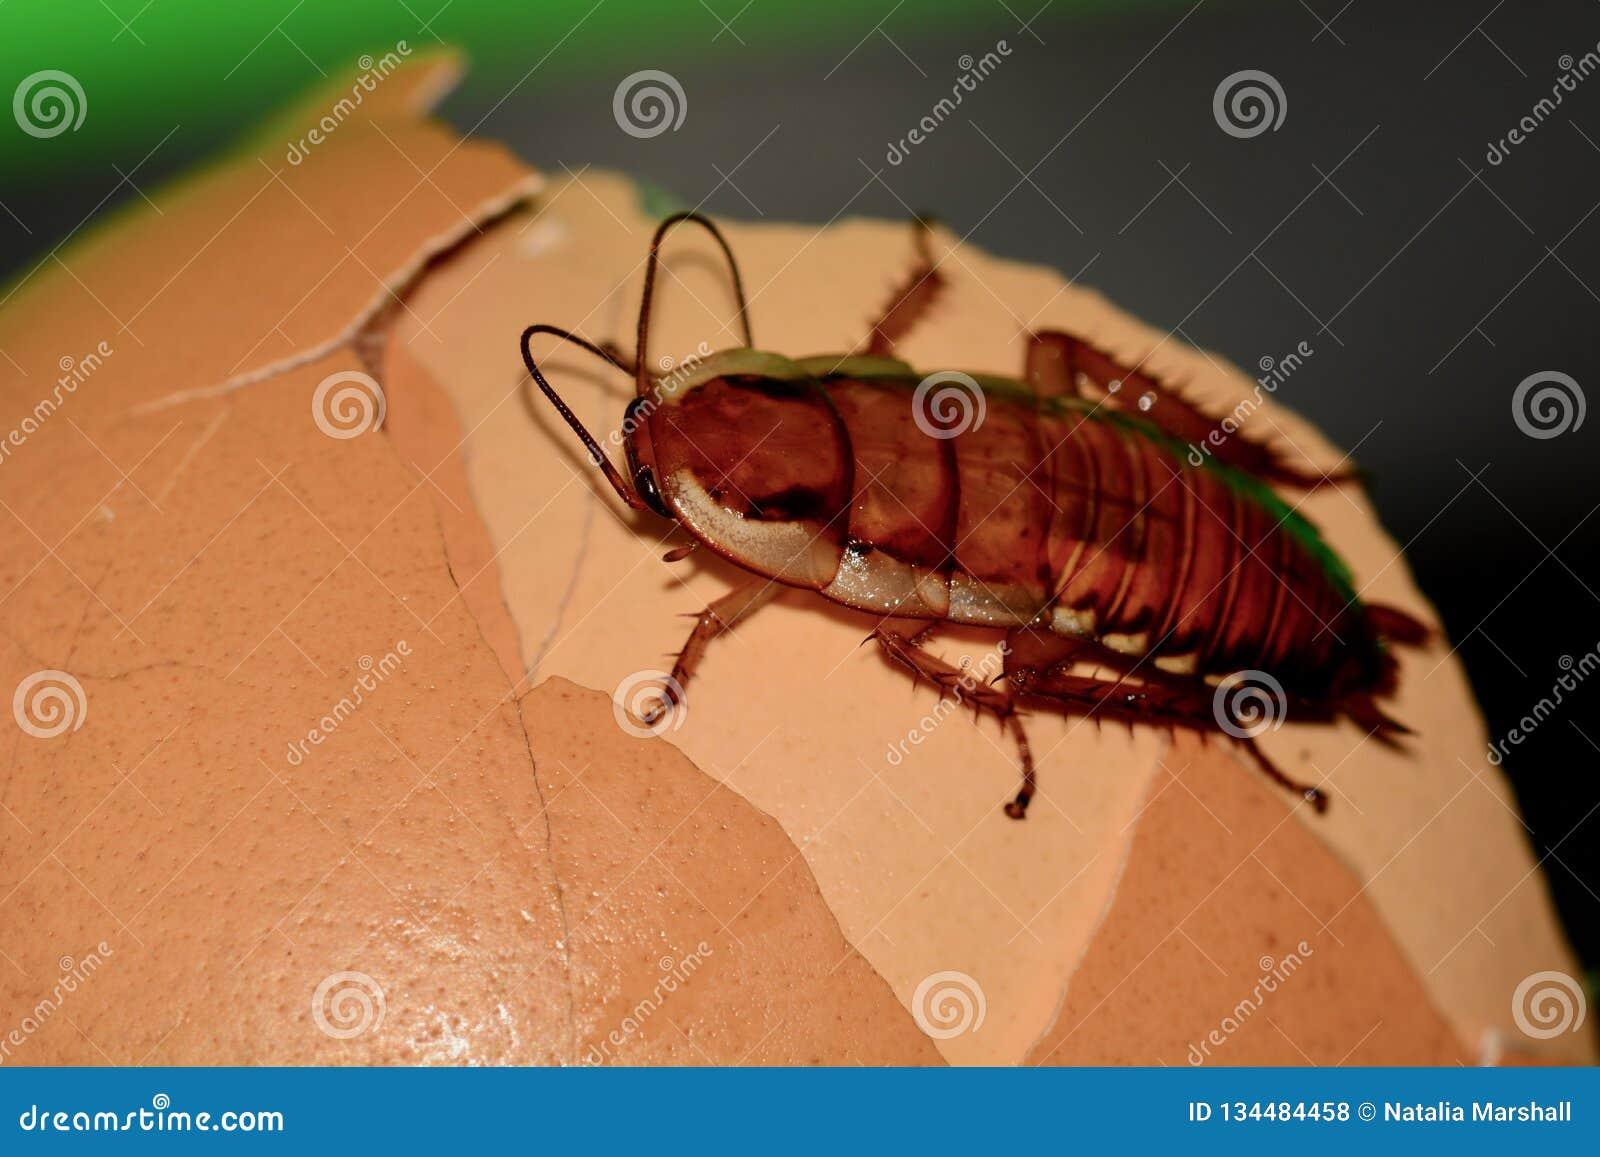 Μια μακρο φωτογραφία μιας κατσαρίδας σε μερικά απορρίματα τροφίμων Ένα δυσάρεστο έντομο, παράσιτο που μολύνει πολλά σπίτια